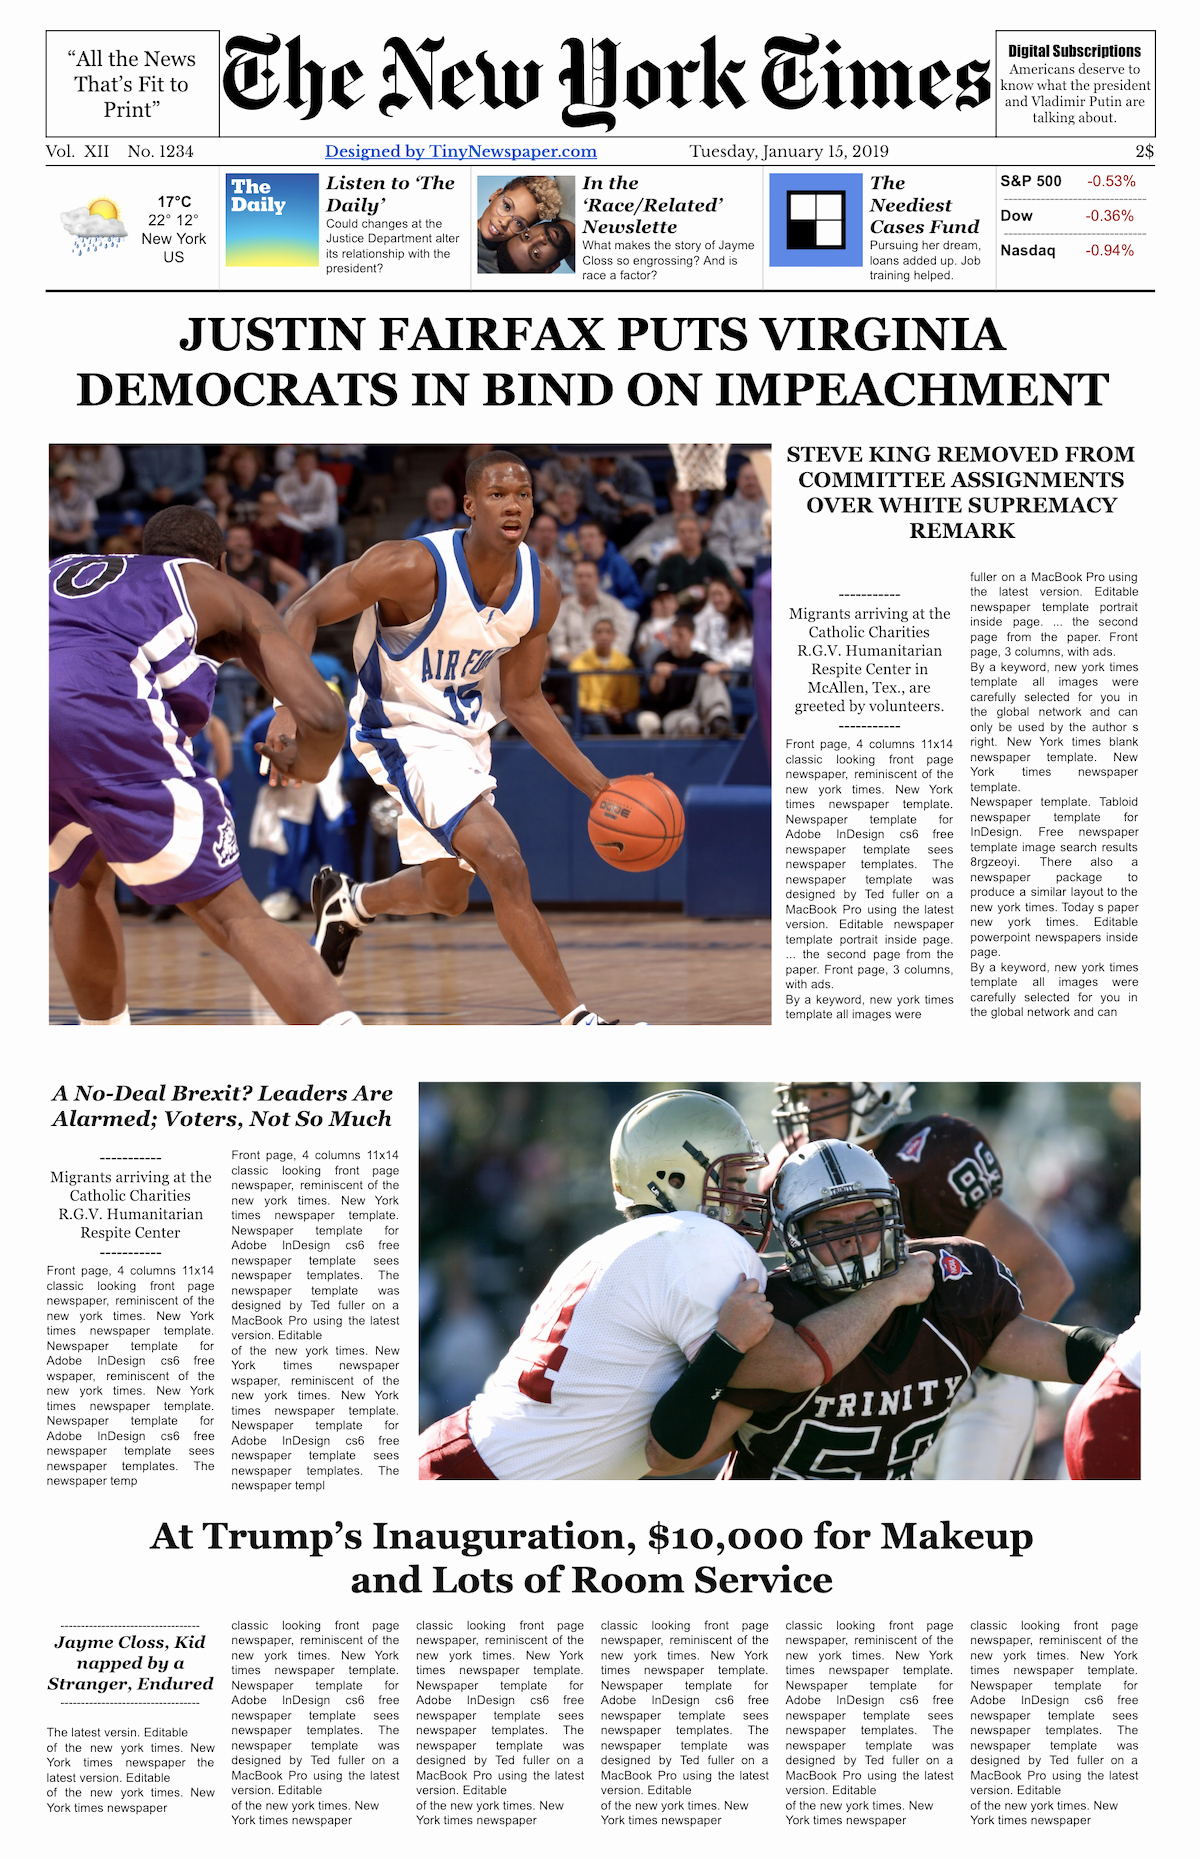 Newsletter Templates for Google Docs Elegant the New York Times Newspaper Template Google Docs Free